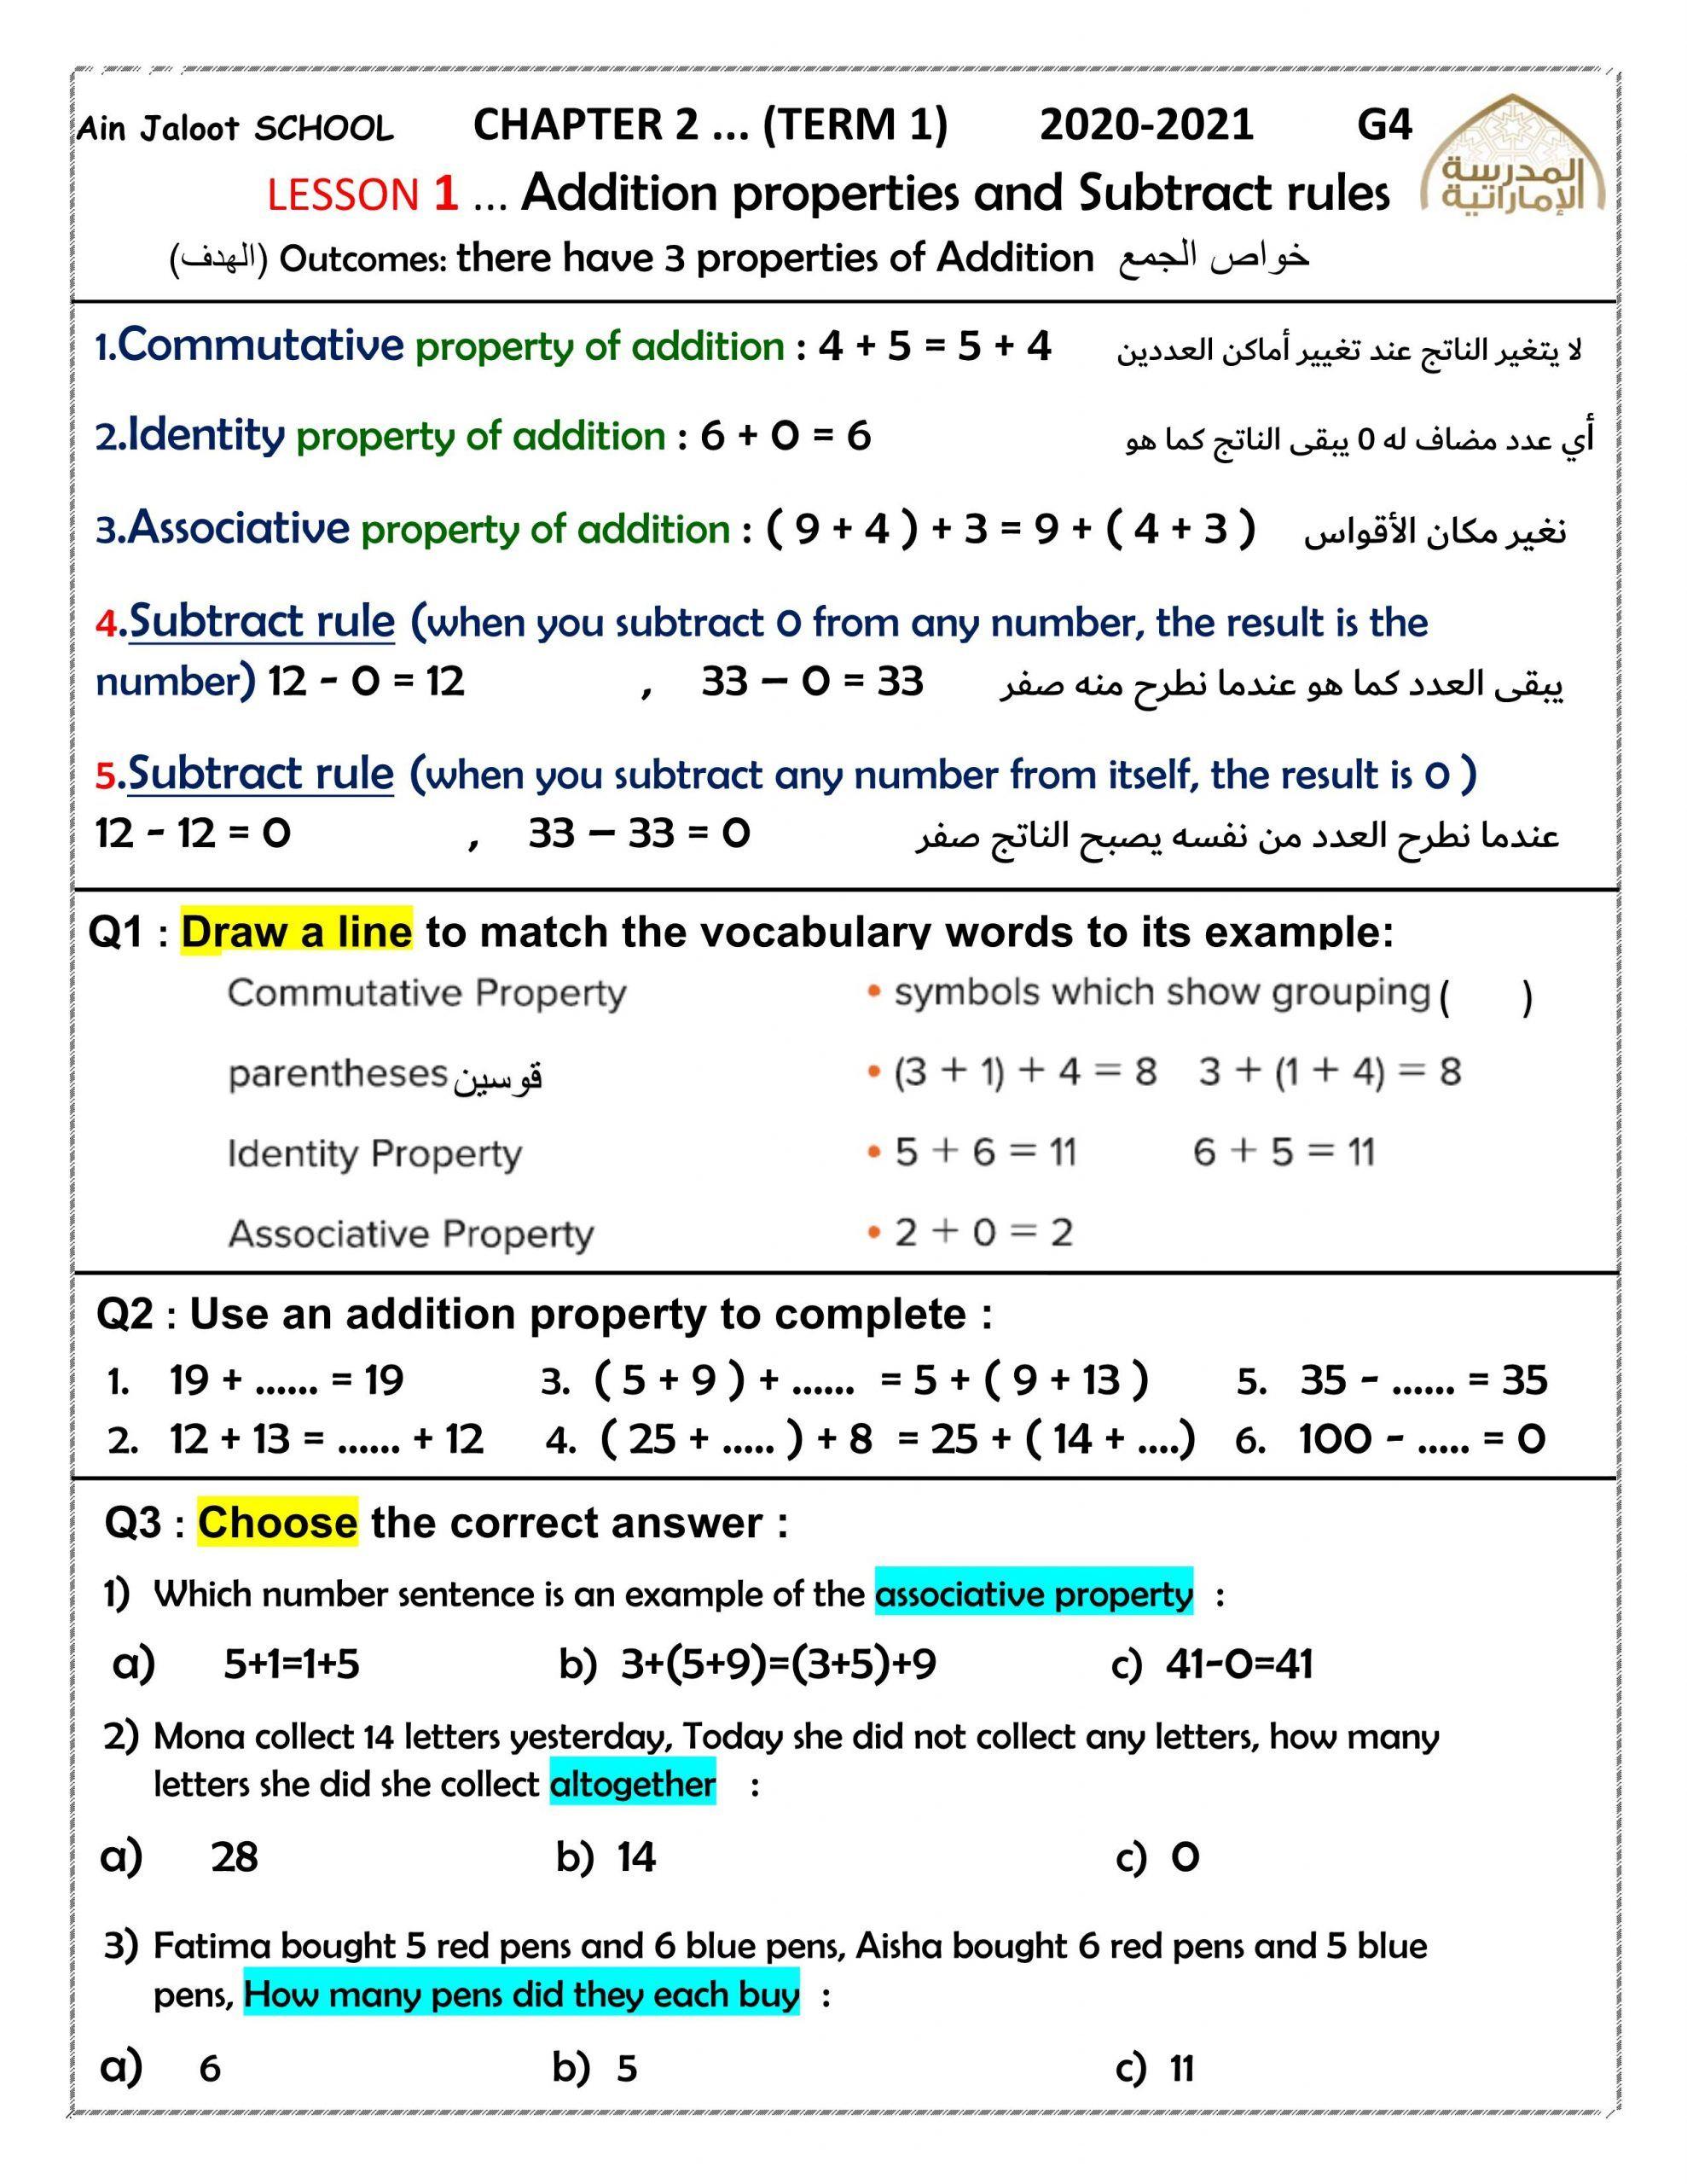 حل اوراق عمل Chapter 2 بالانجليزي الصف الرابع مادة الرياضيات المتكاملة Commutative Associative Property Lesson